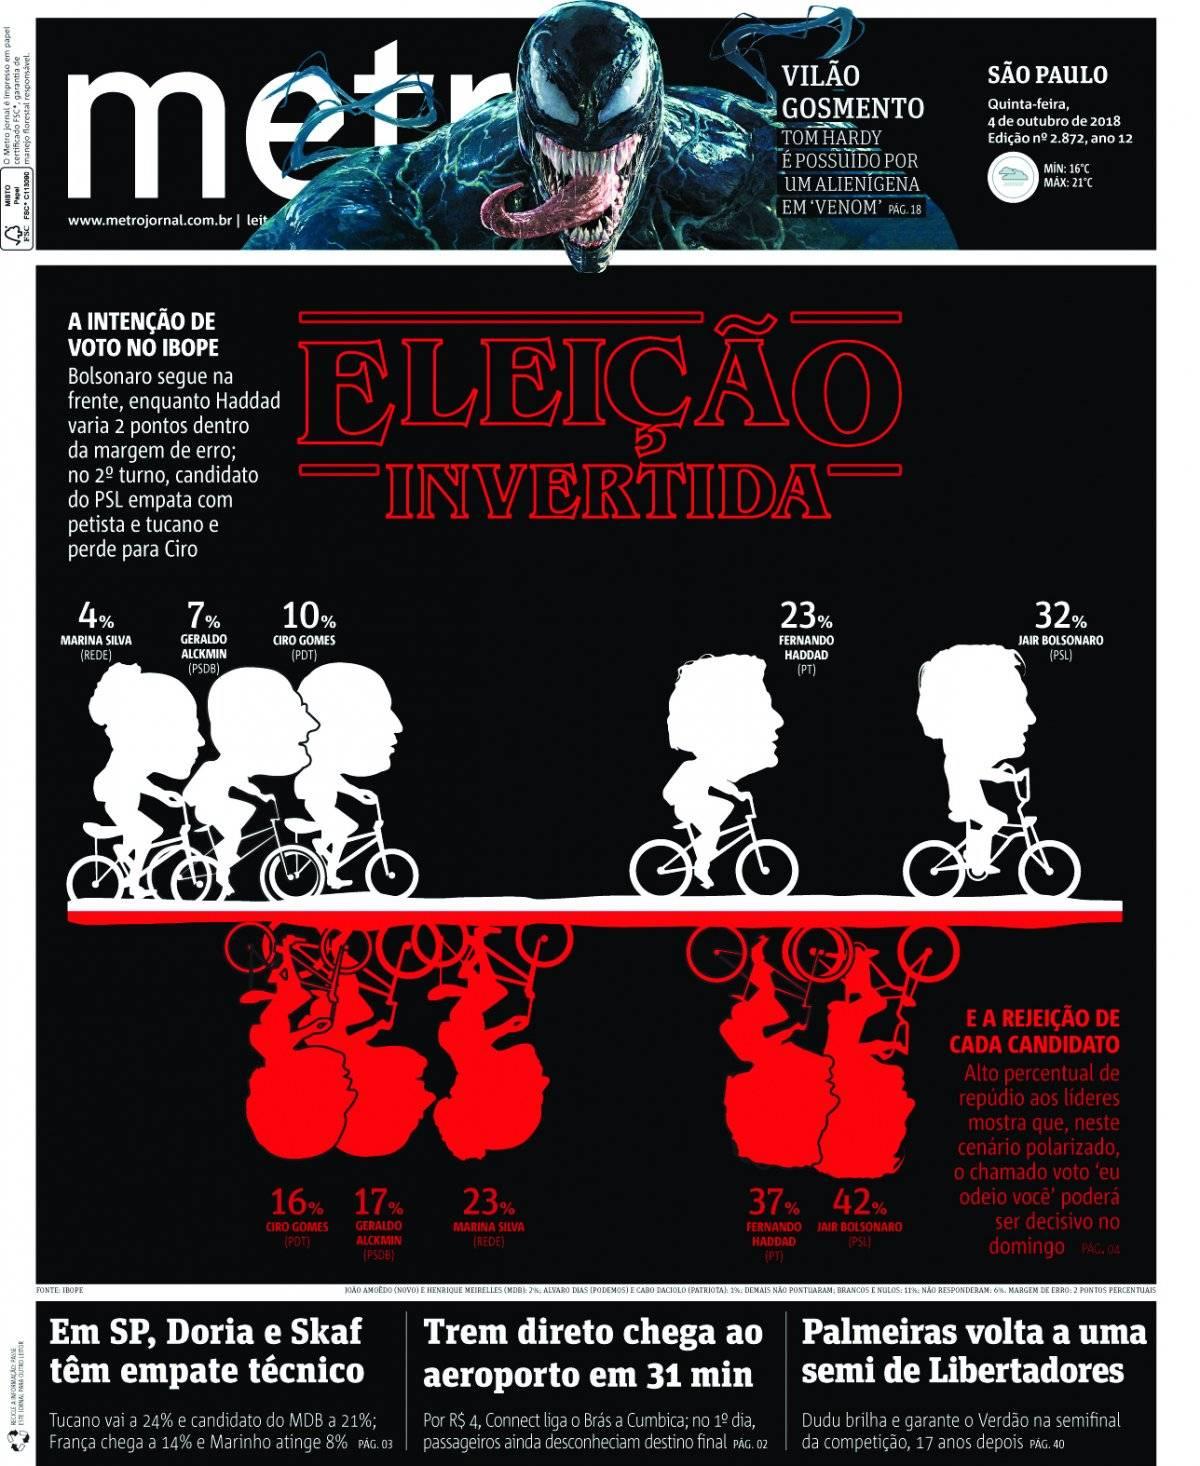 4 de outubro. A eleição que culminou com a vitória de Jair Bolsonaro dominou o noticiário no segundo semestre